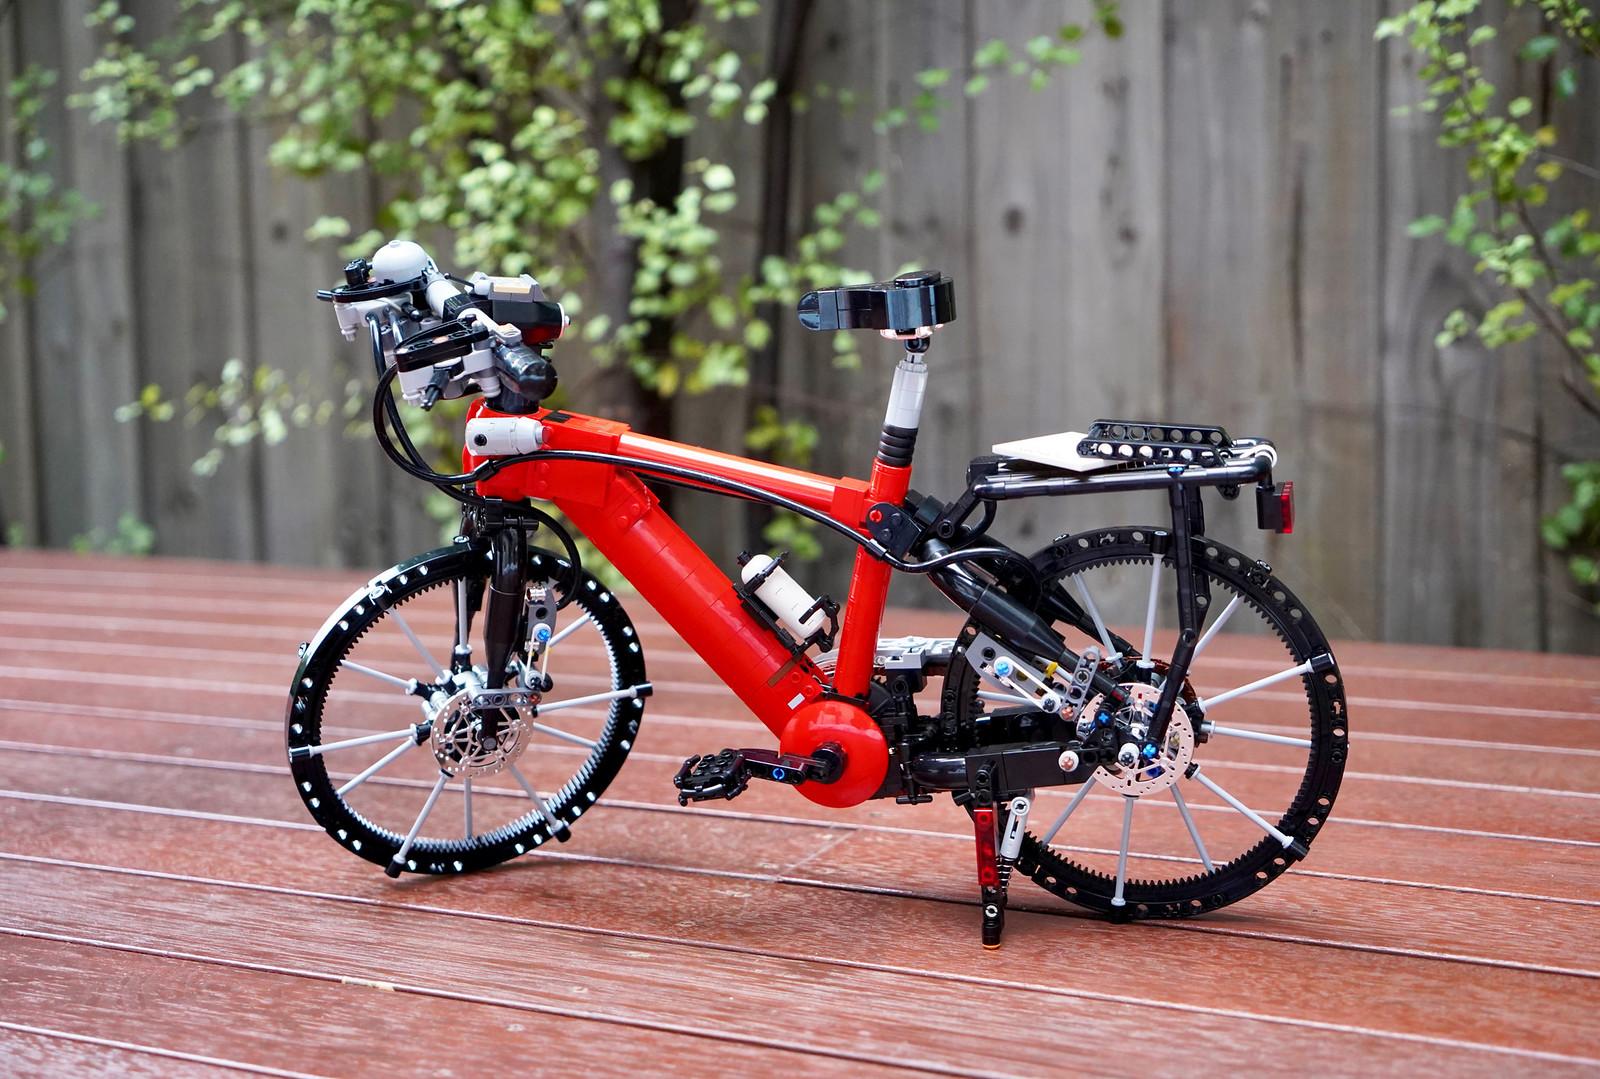 Working LEGO Bicycle